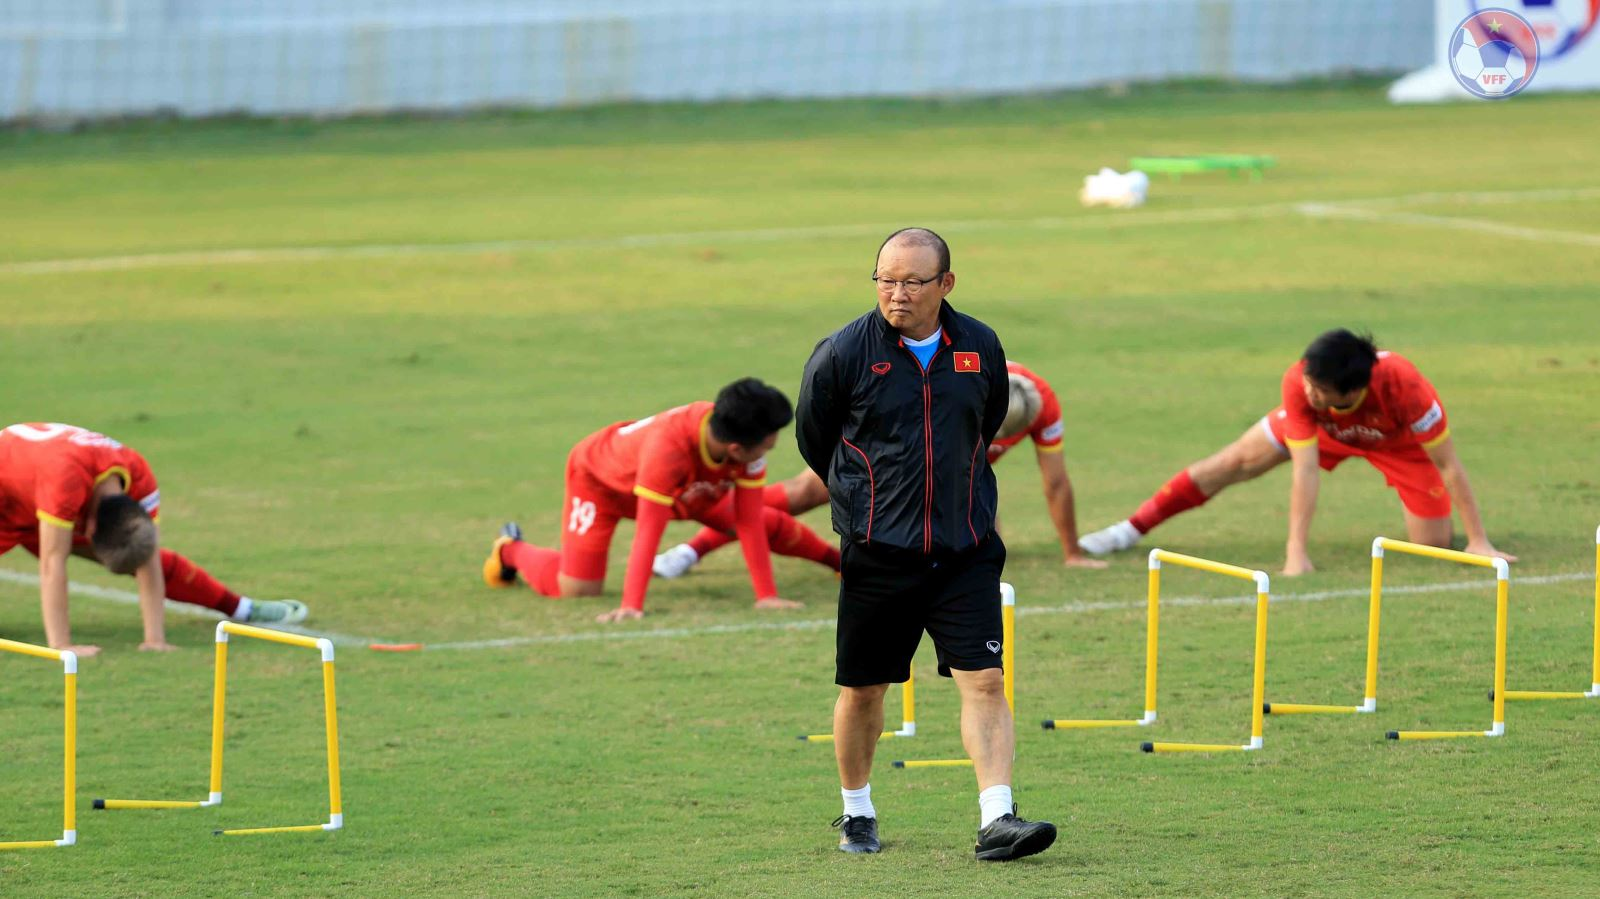 Bóng đá Việt Nam hôm nay: HLV Park Hang Seo gắn bó với đội tuyển Việt Nam